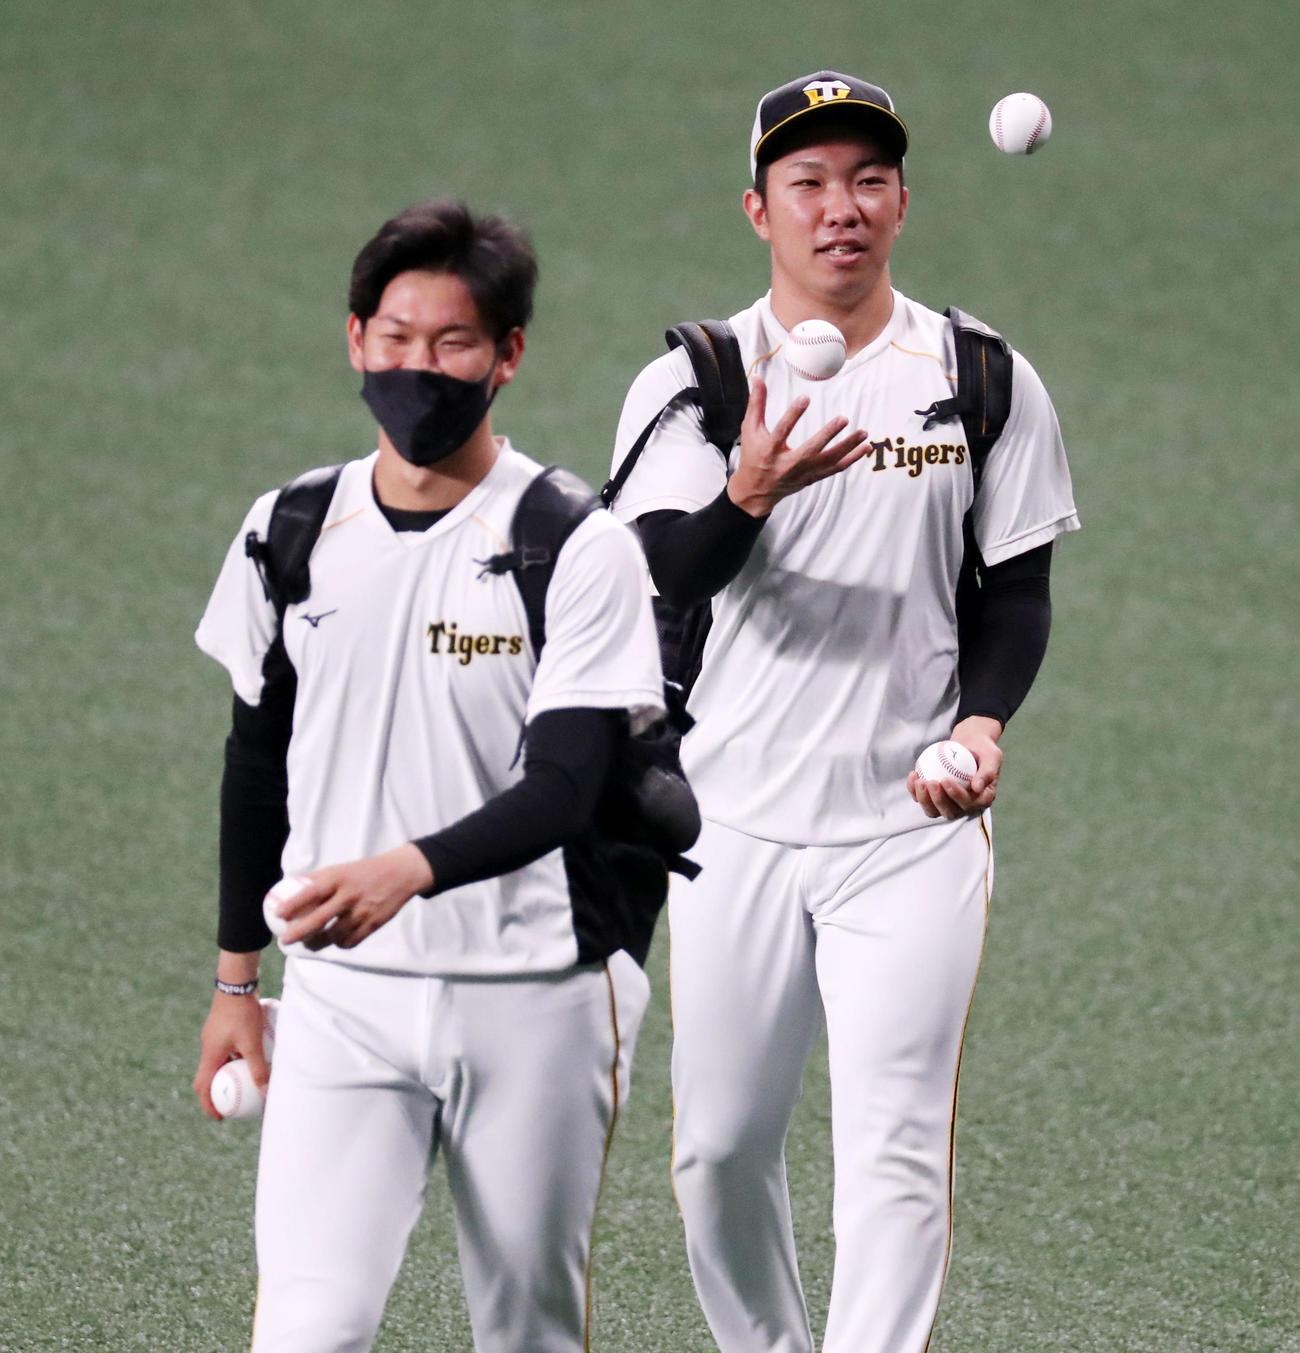 中日対阪神 おれも出来るよと、ボールを見事に操る石井大。左は及川(撮影・加藤哉)